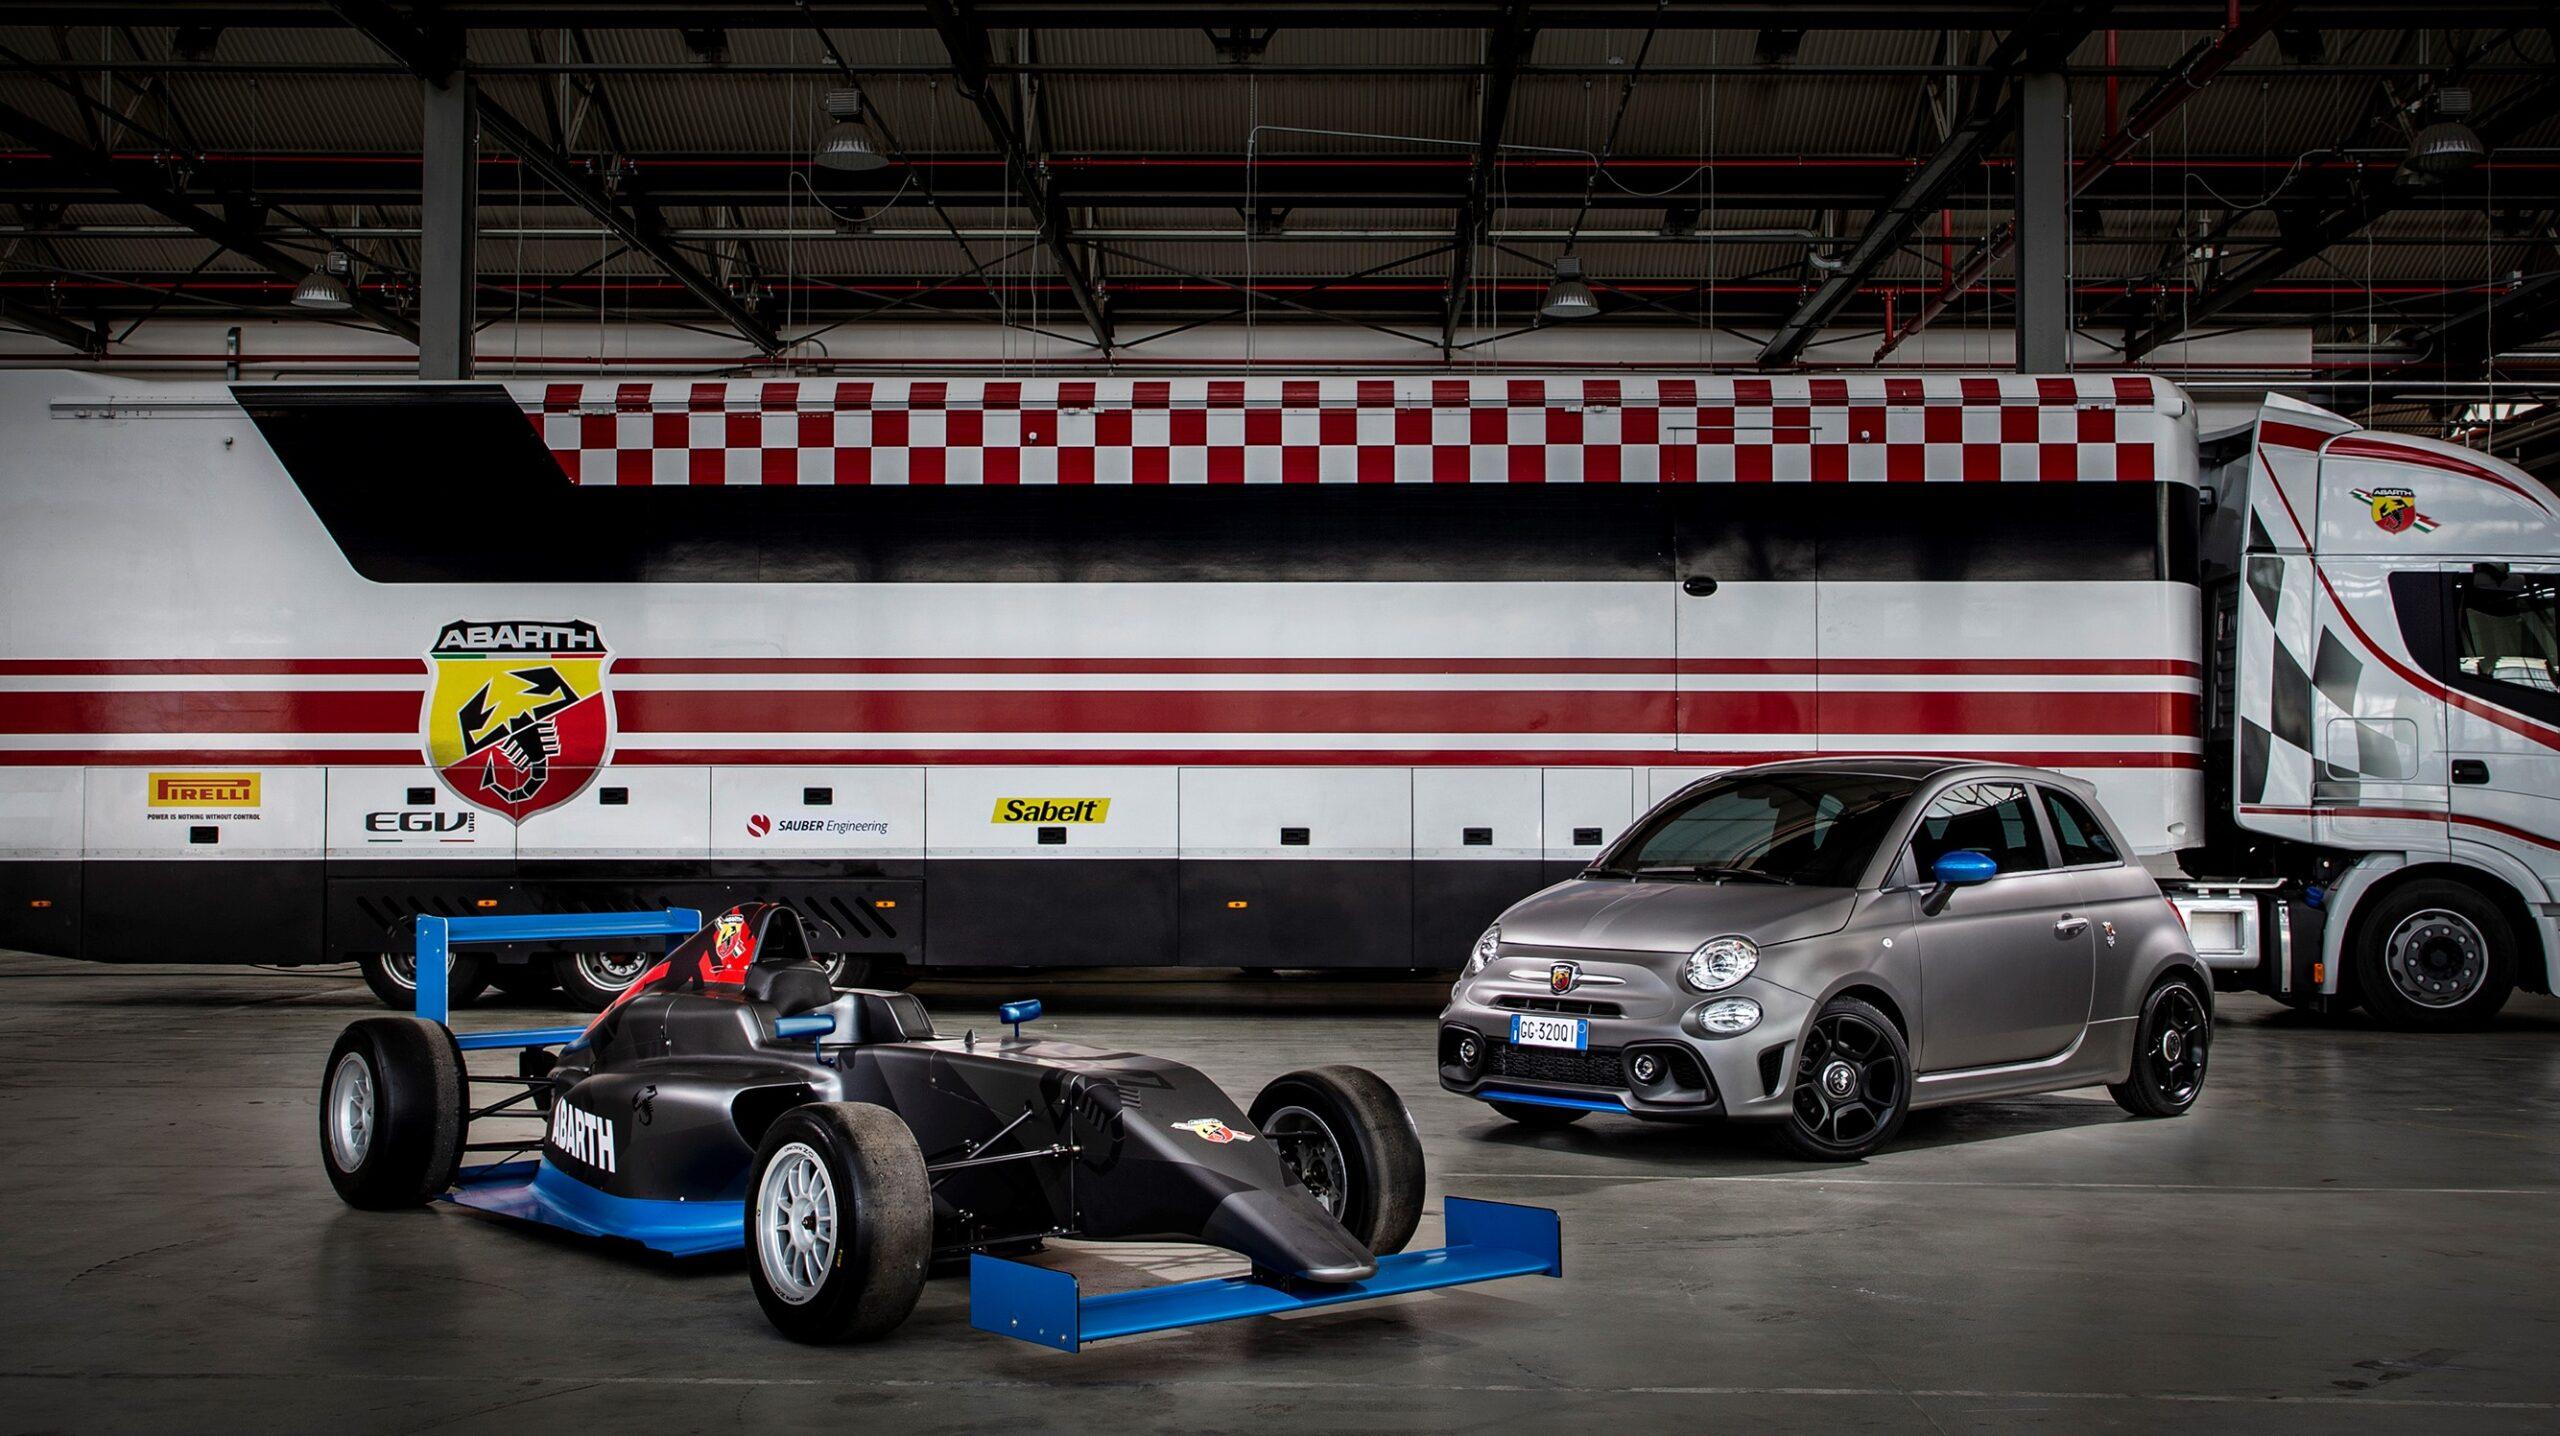 Nuova Abarth F595: adesso con motore della Formula 4.